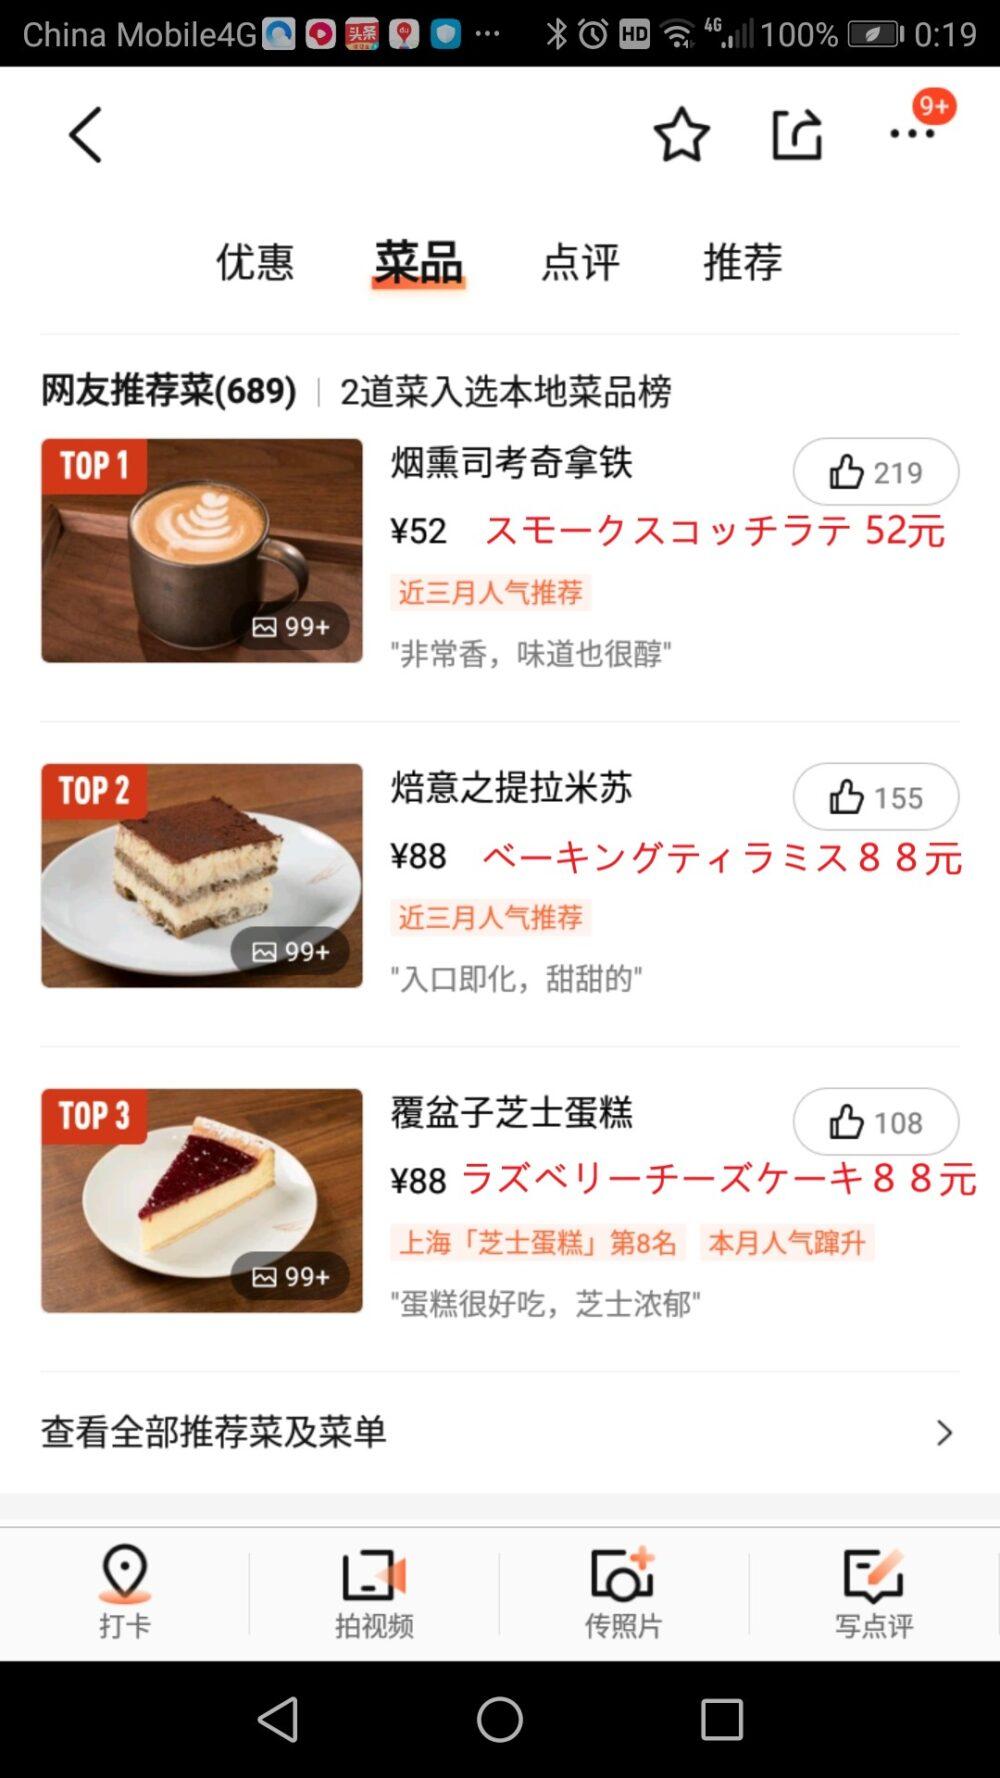 口コミサイト「大衆点評」によるスターバックス人気の商品ベスト3を紹介した画面をスクショした画像